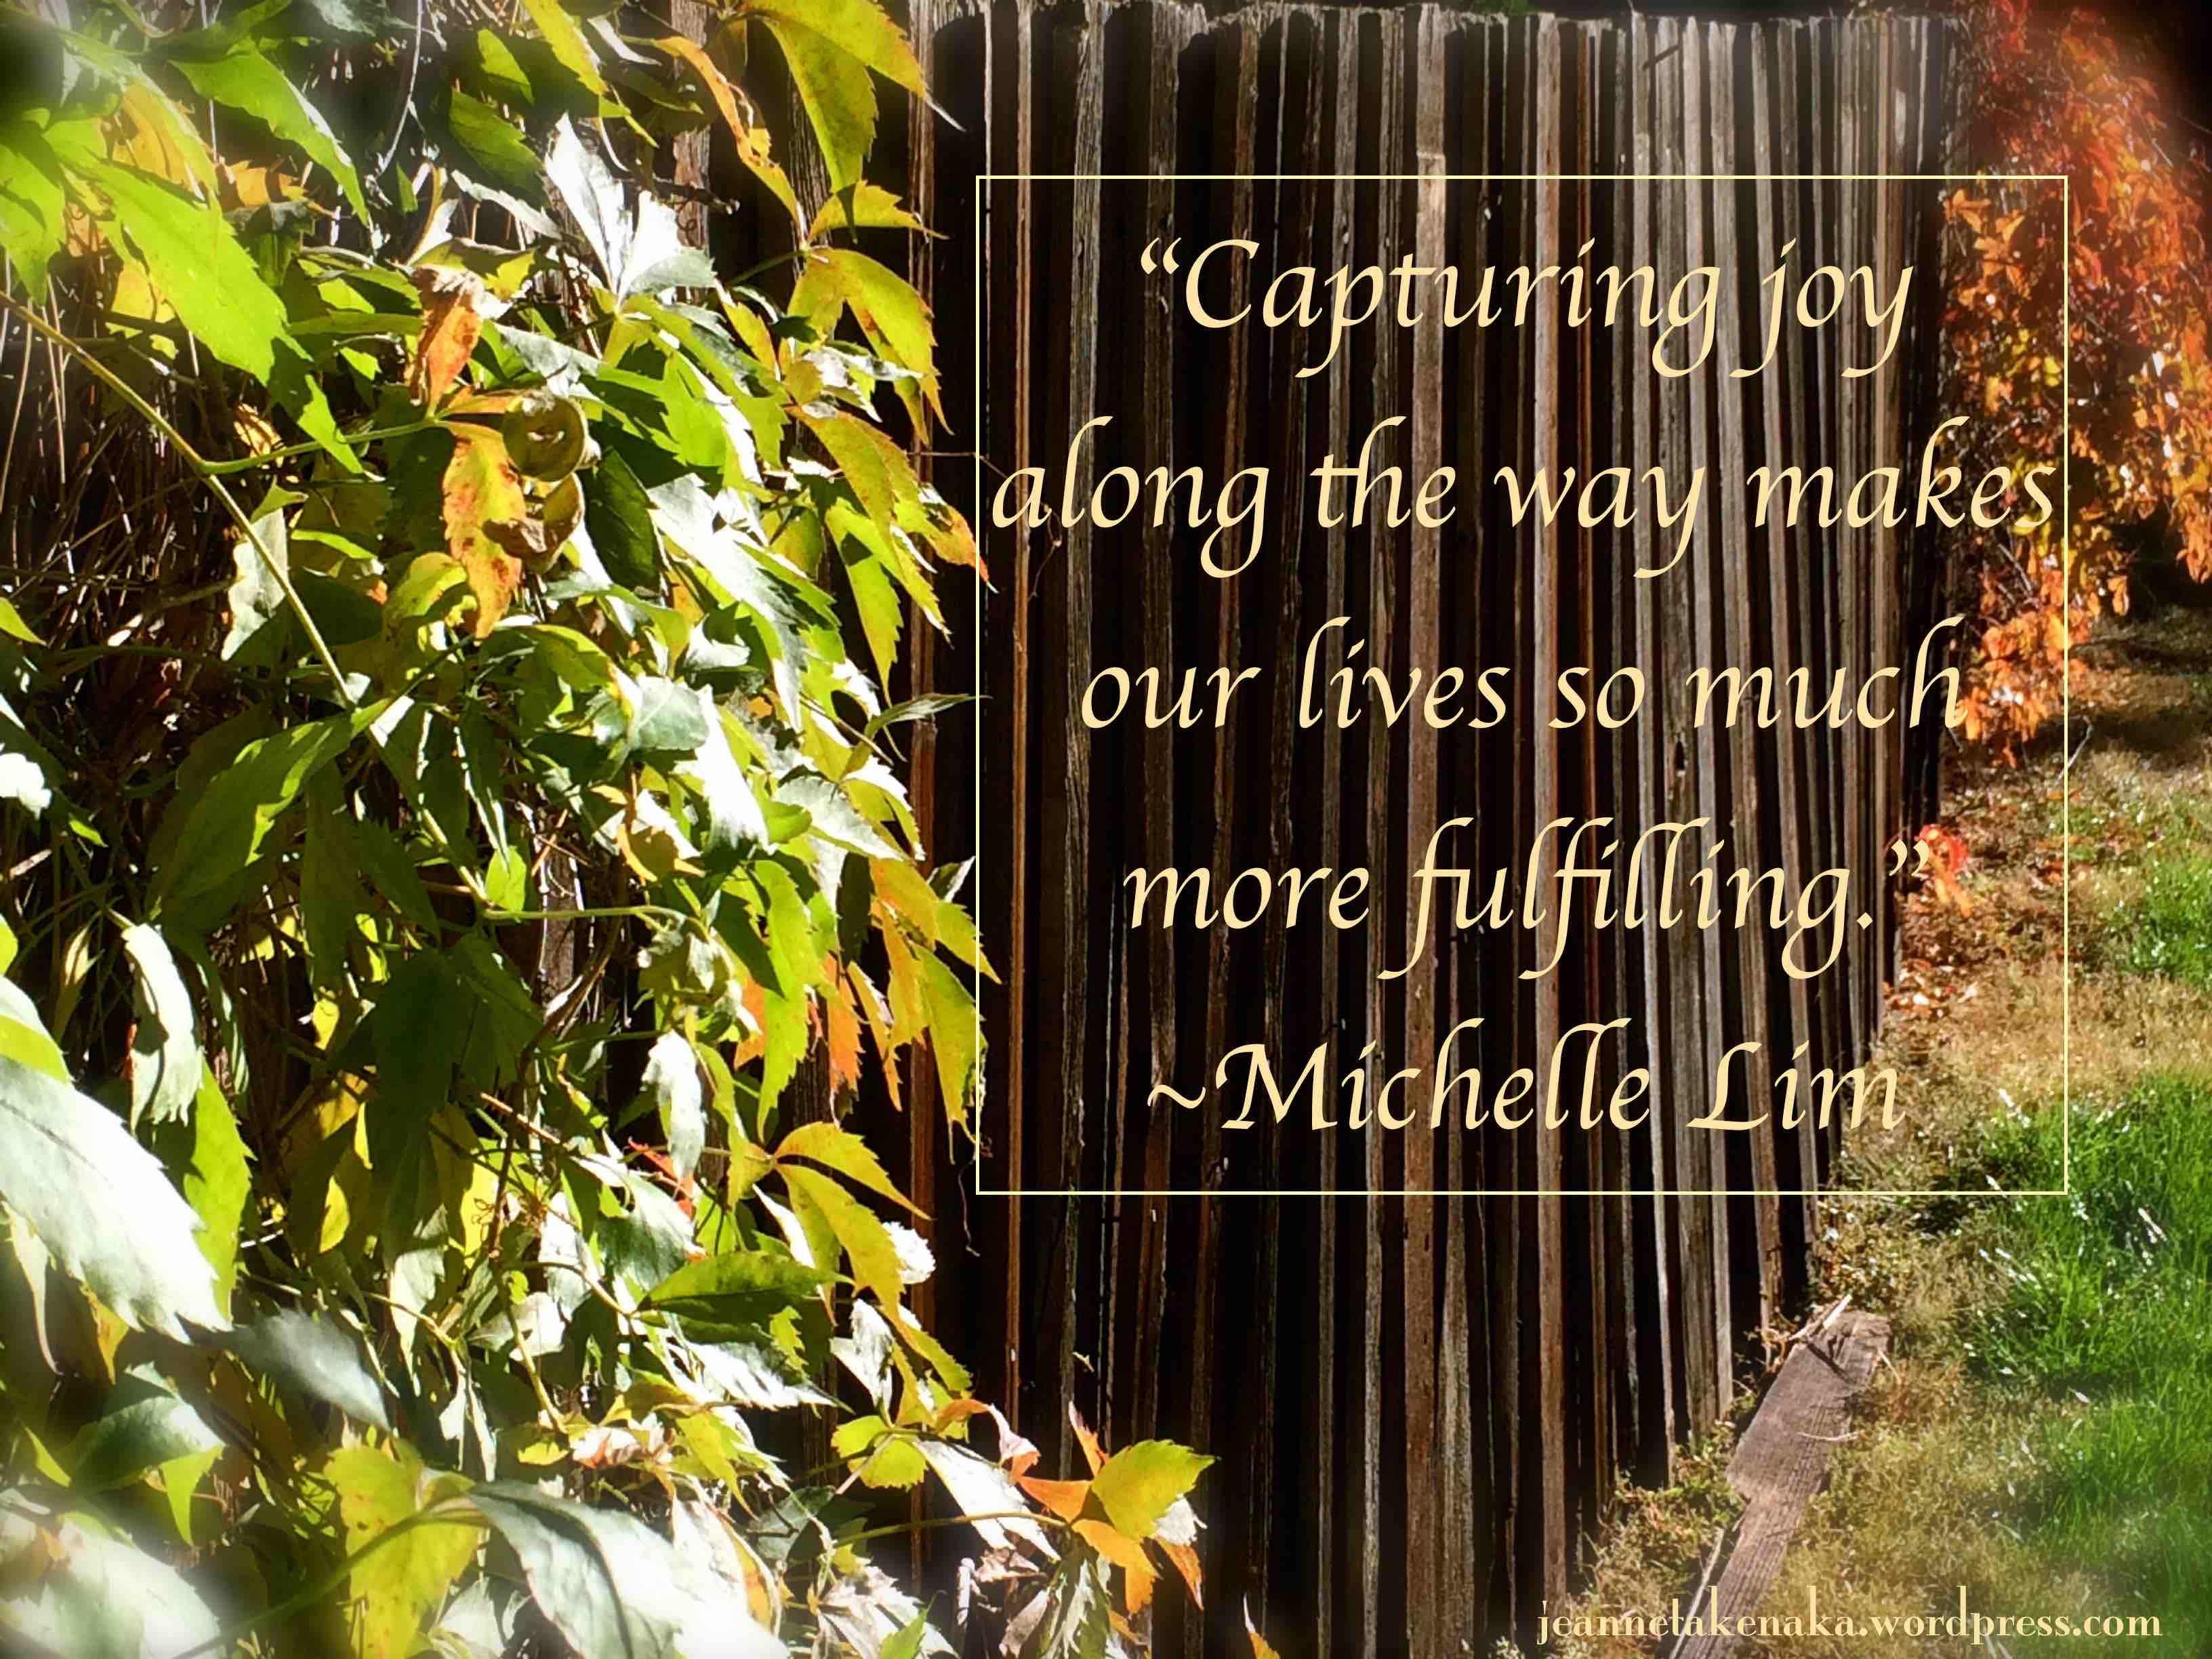 M Lim Capturing Joy